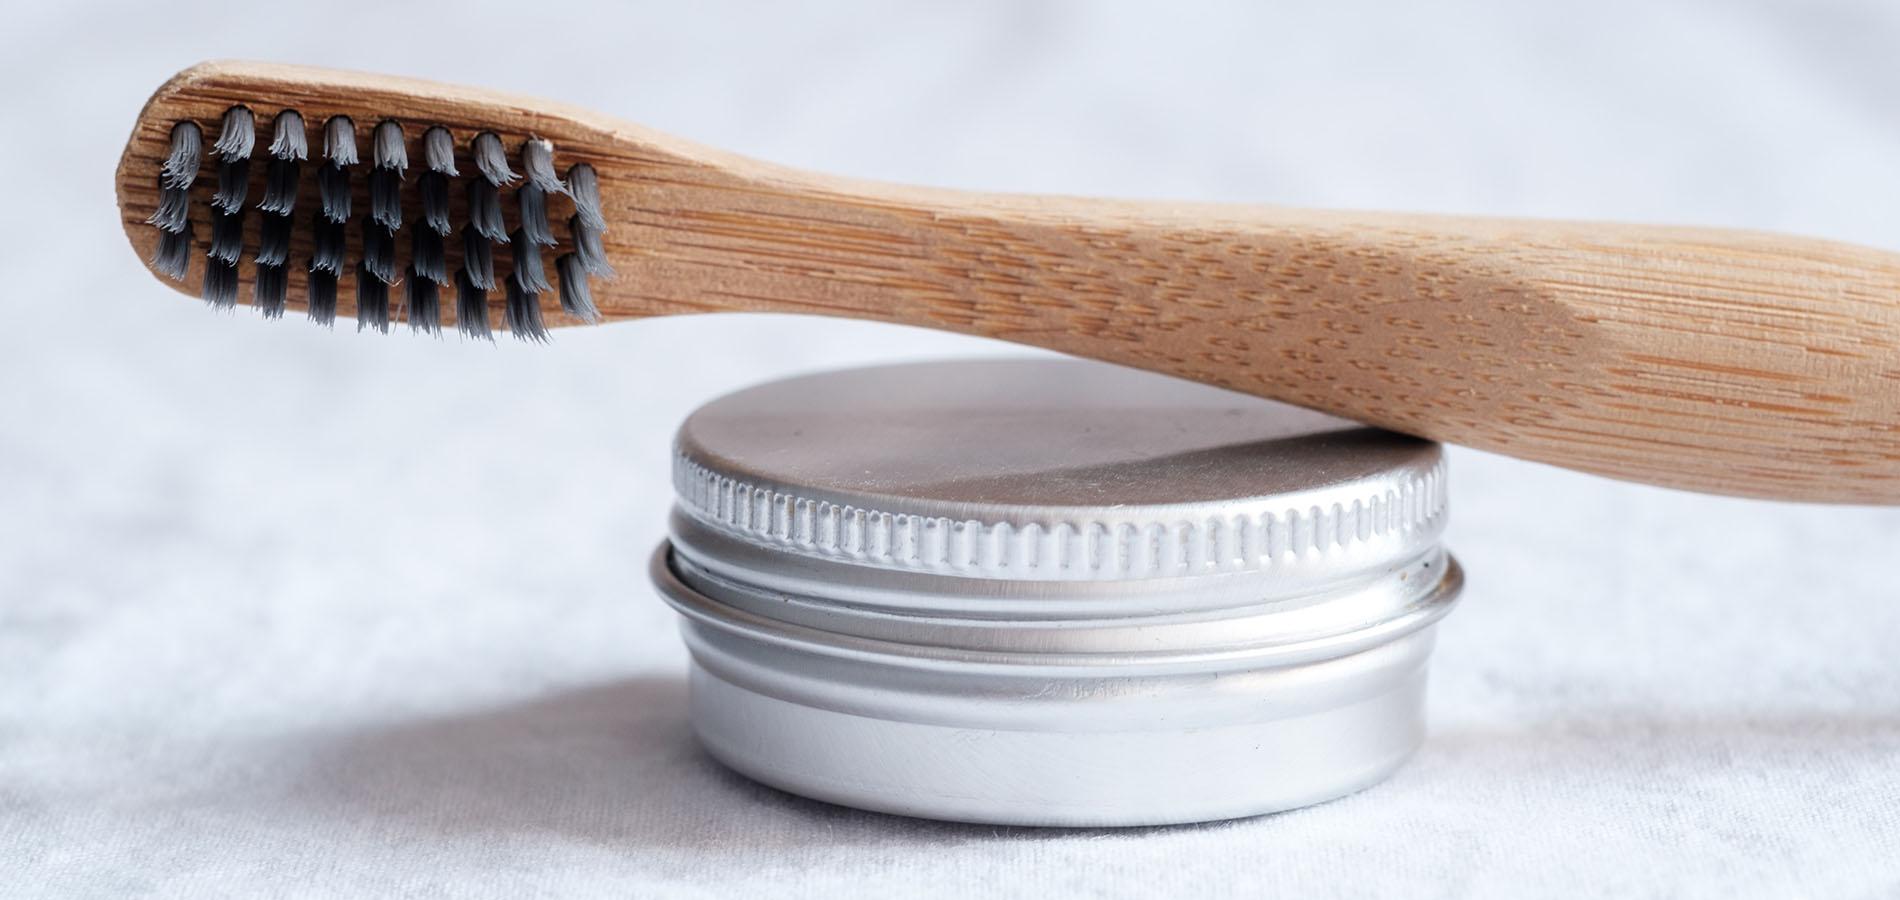 Bambus Zahnbürsten - Blogeintrag von onpure - Bambus Zahnbürste liegt auf einer Dose